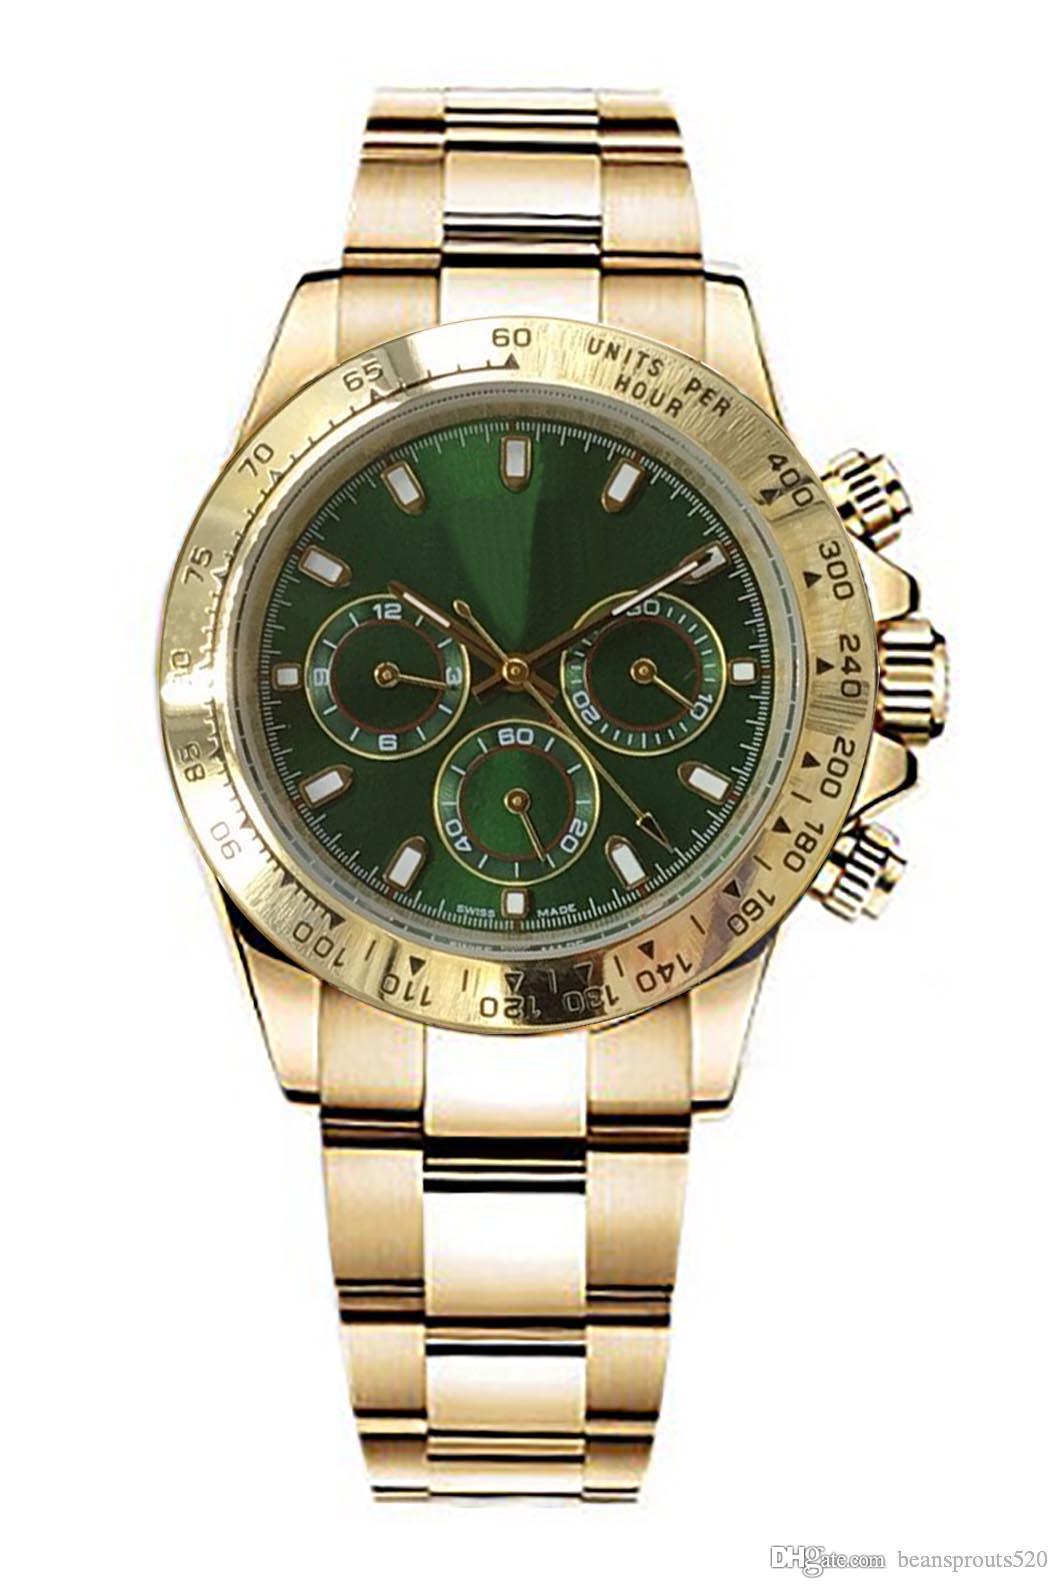 B180 Das Master-Design Designer-Uhren Luxus Uhrwerk Uhren, 116508,116528 Serie Uhr, Gold Edelstahlgehäuse, grün Zifferblatt,